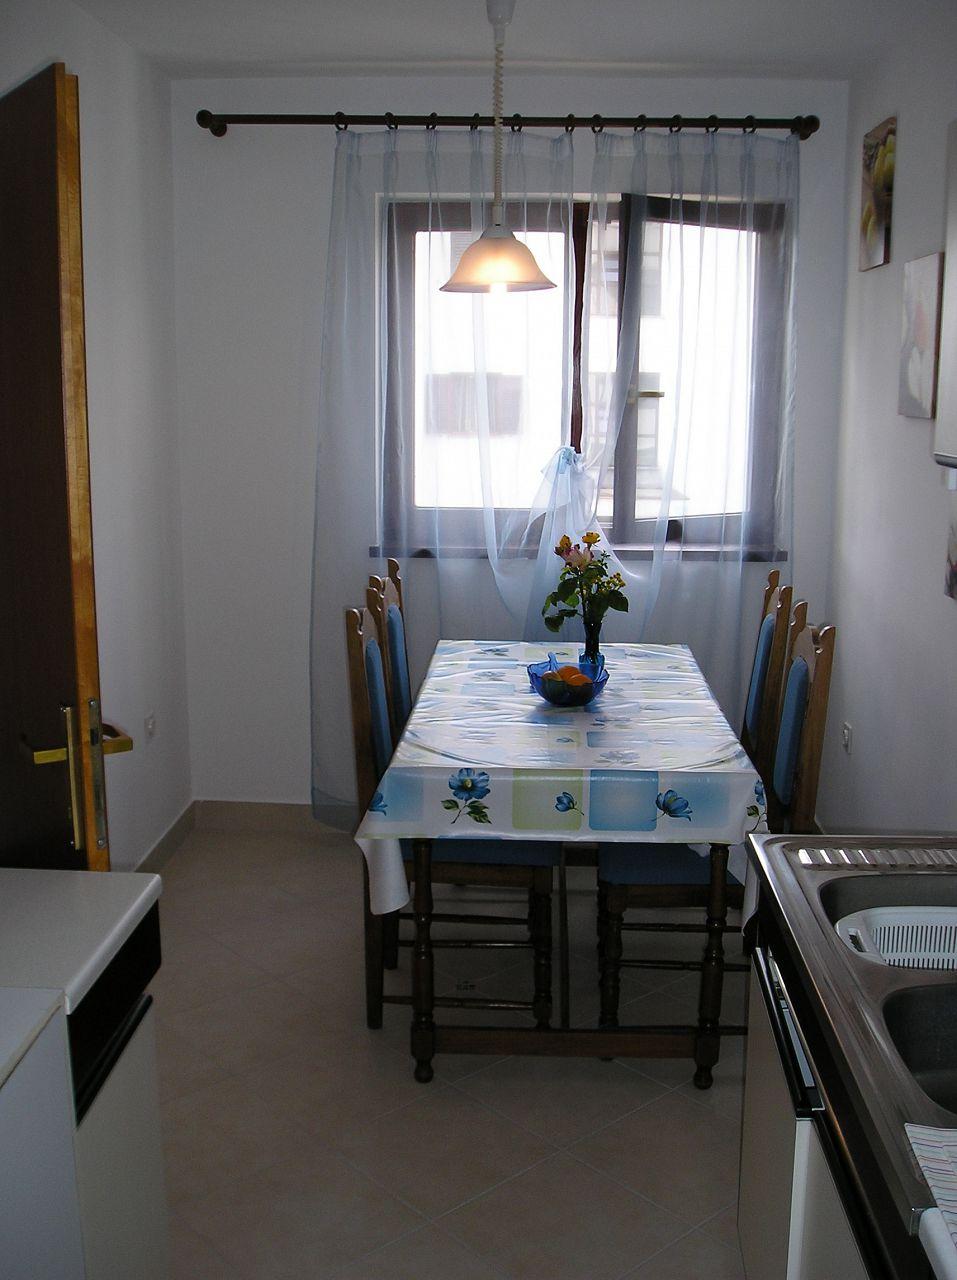 5751 - Lovran - Apartments Croatia - A1(2+2): dining room